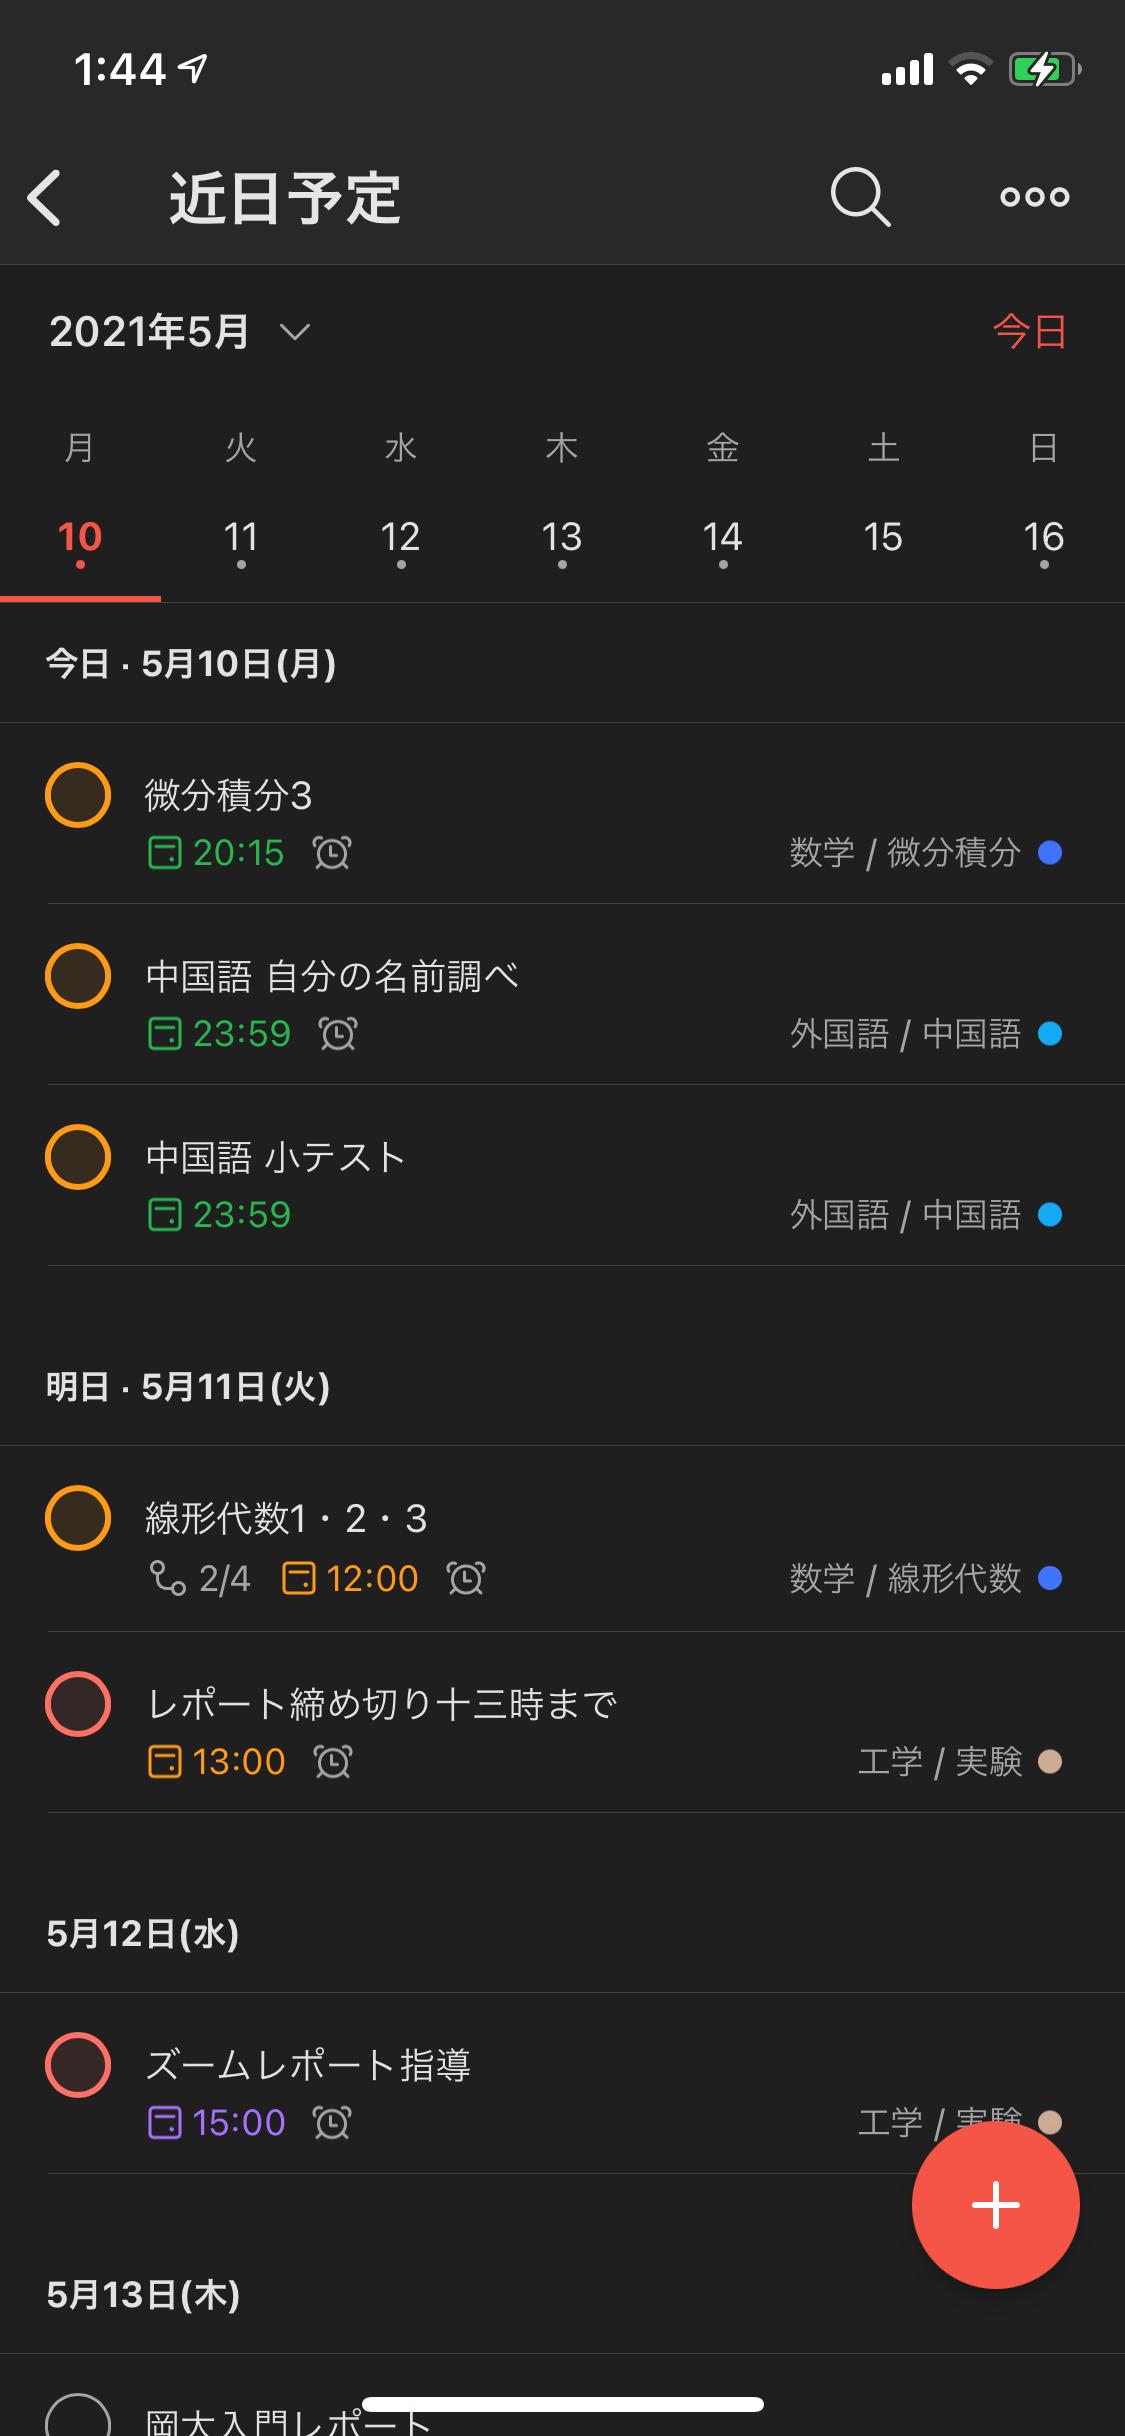 f:id:sasigume:20210510014447p:plain